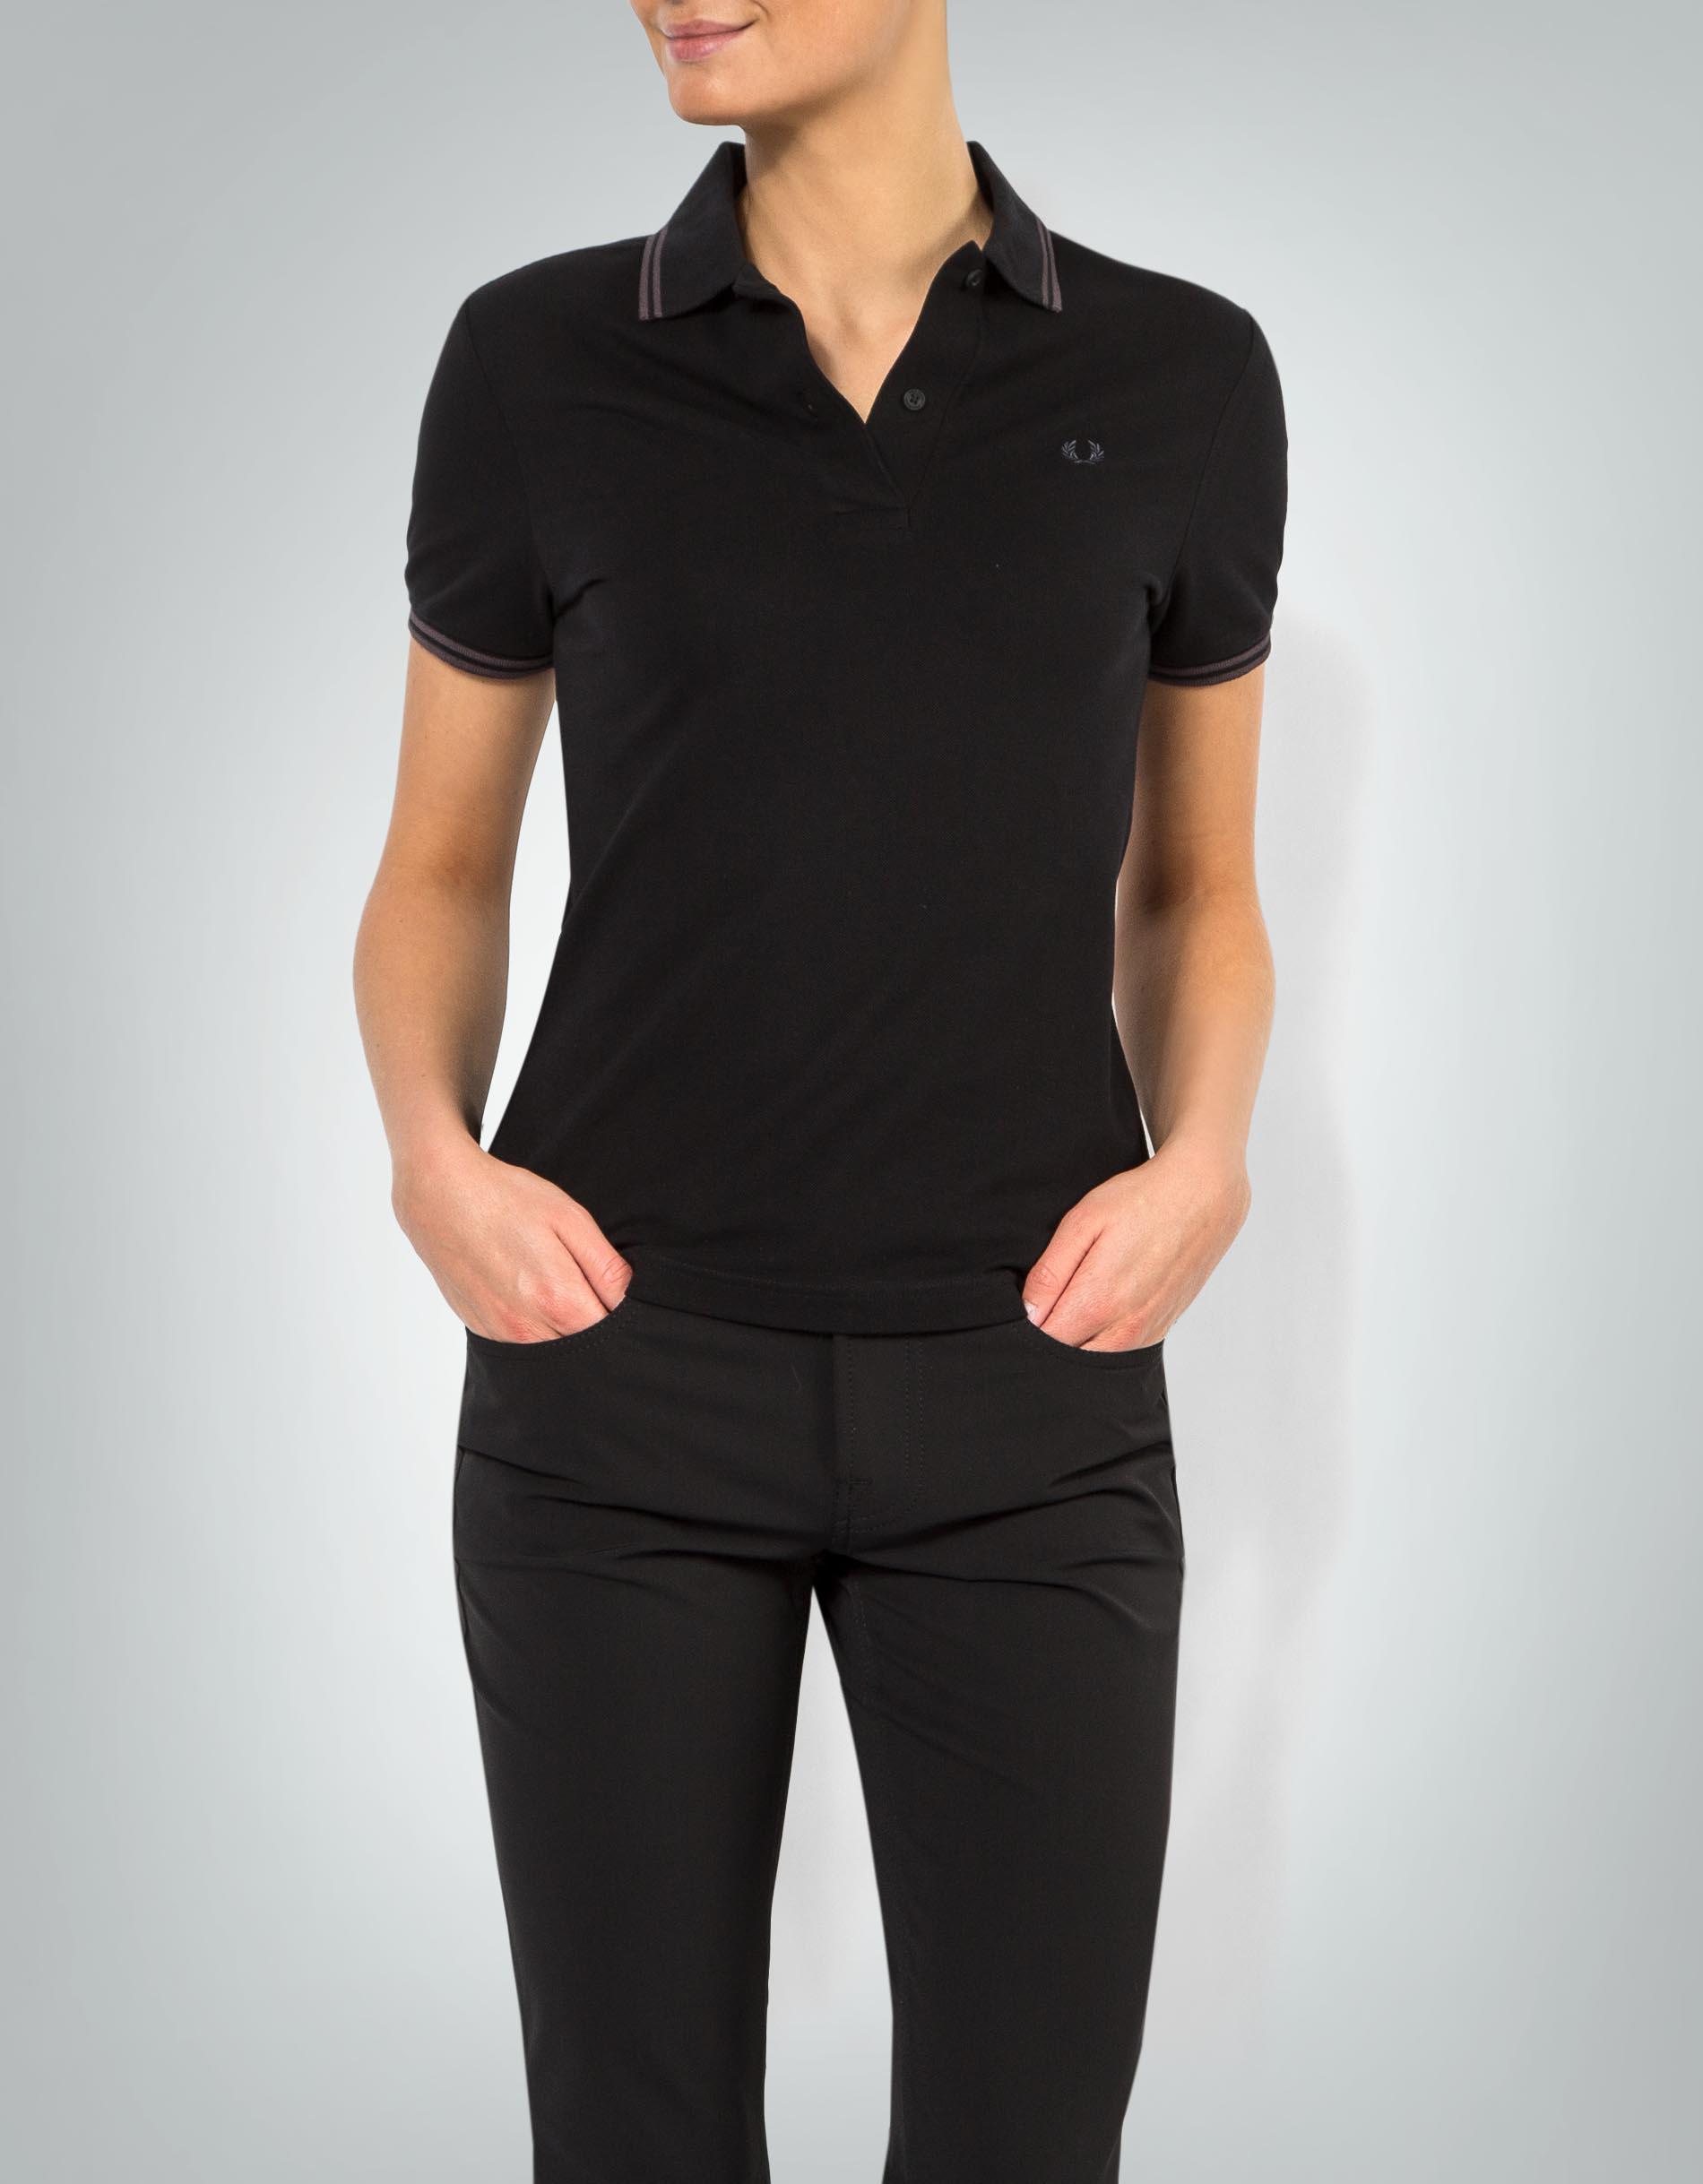 fred perry damen polo shirt mit kontrastdetails empfohlen. Black Bedroom Furniture Sets. Home Design Ideas